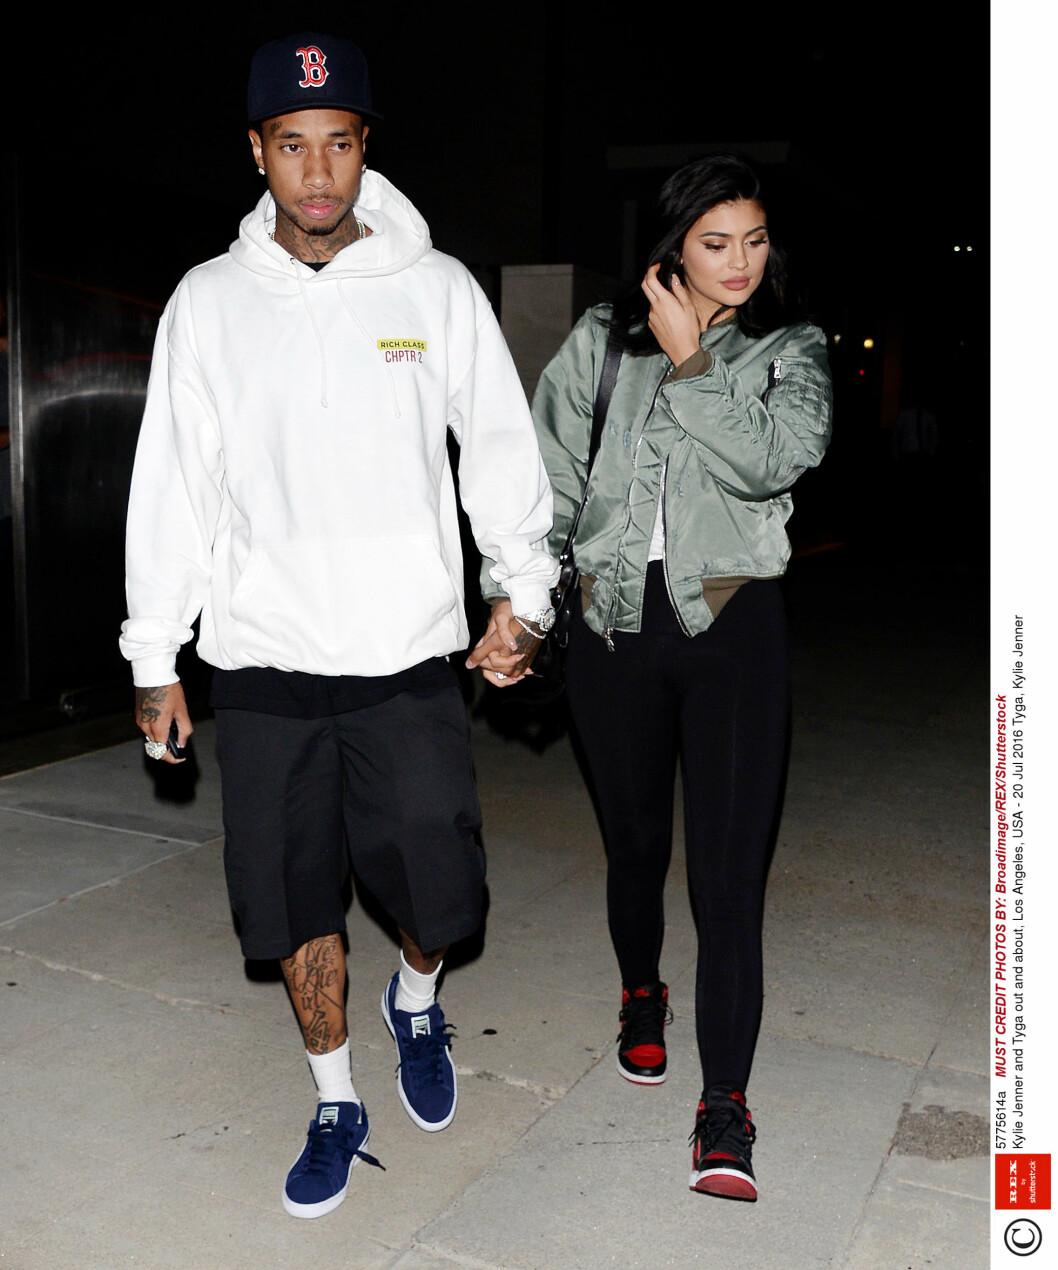 SAMMEN IGJEN: Etter Tyga og Kylie ble sammen igjen forrige måned, har det virket som forholdet er sterkere enn noen gang.  Foto: Rex Features